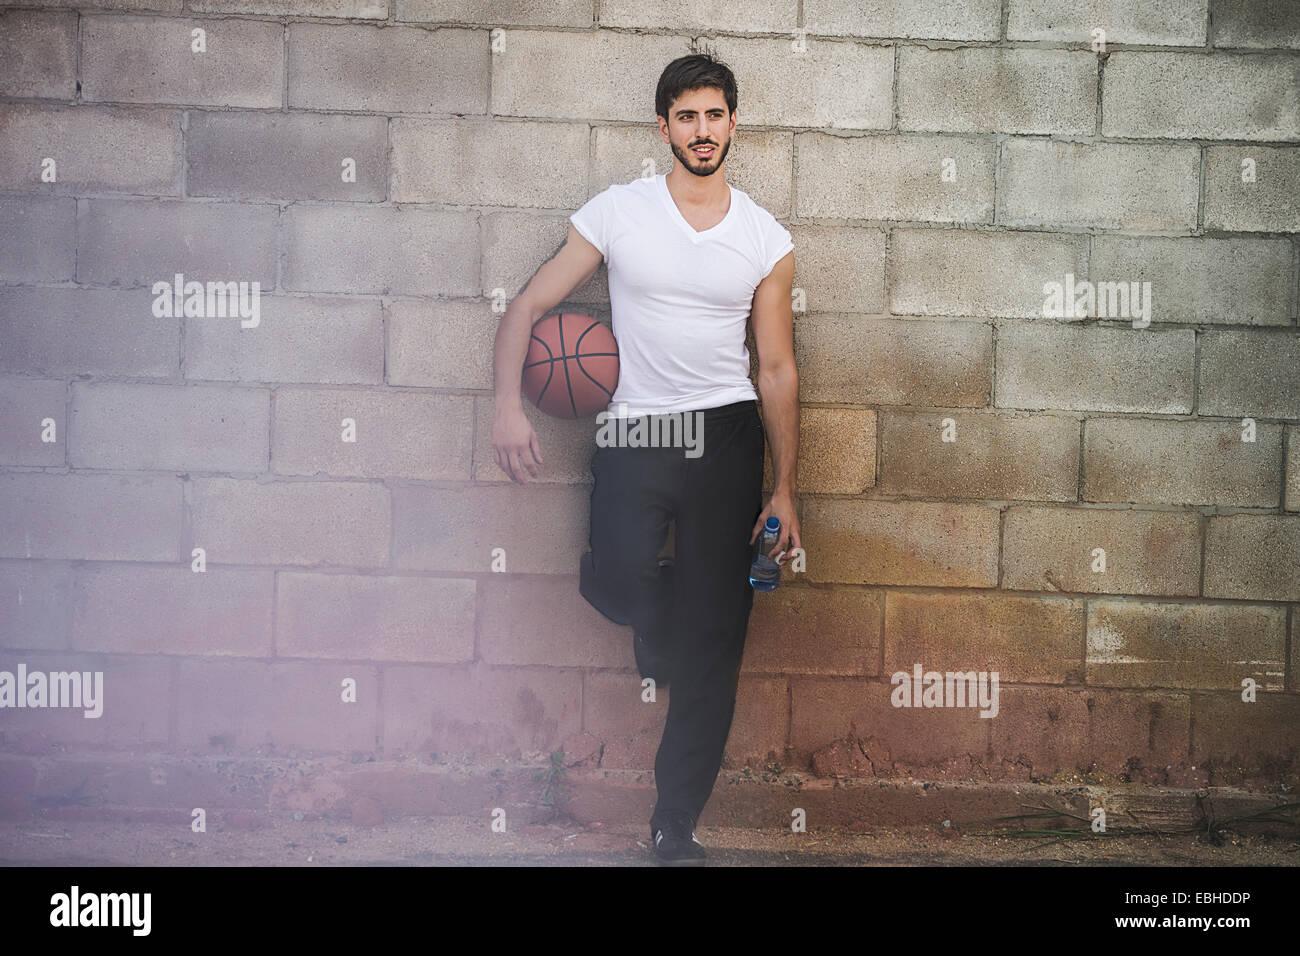 Maschio giovane giocatore di basket appoggiata contro la parete Immagini Stock